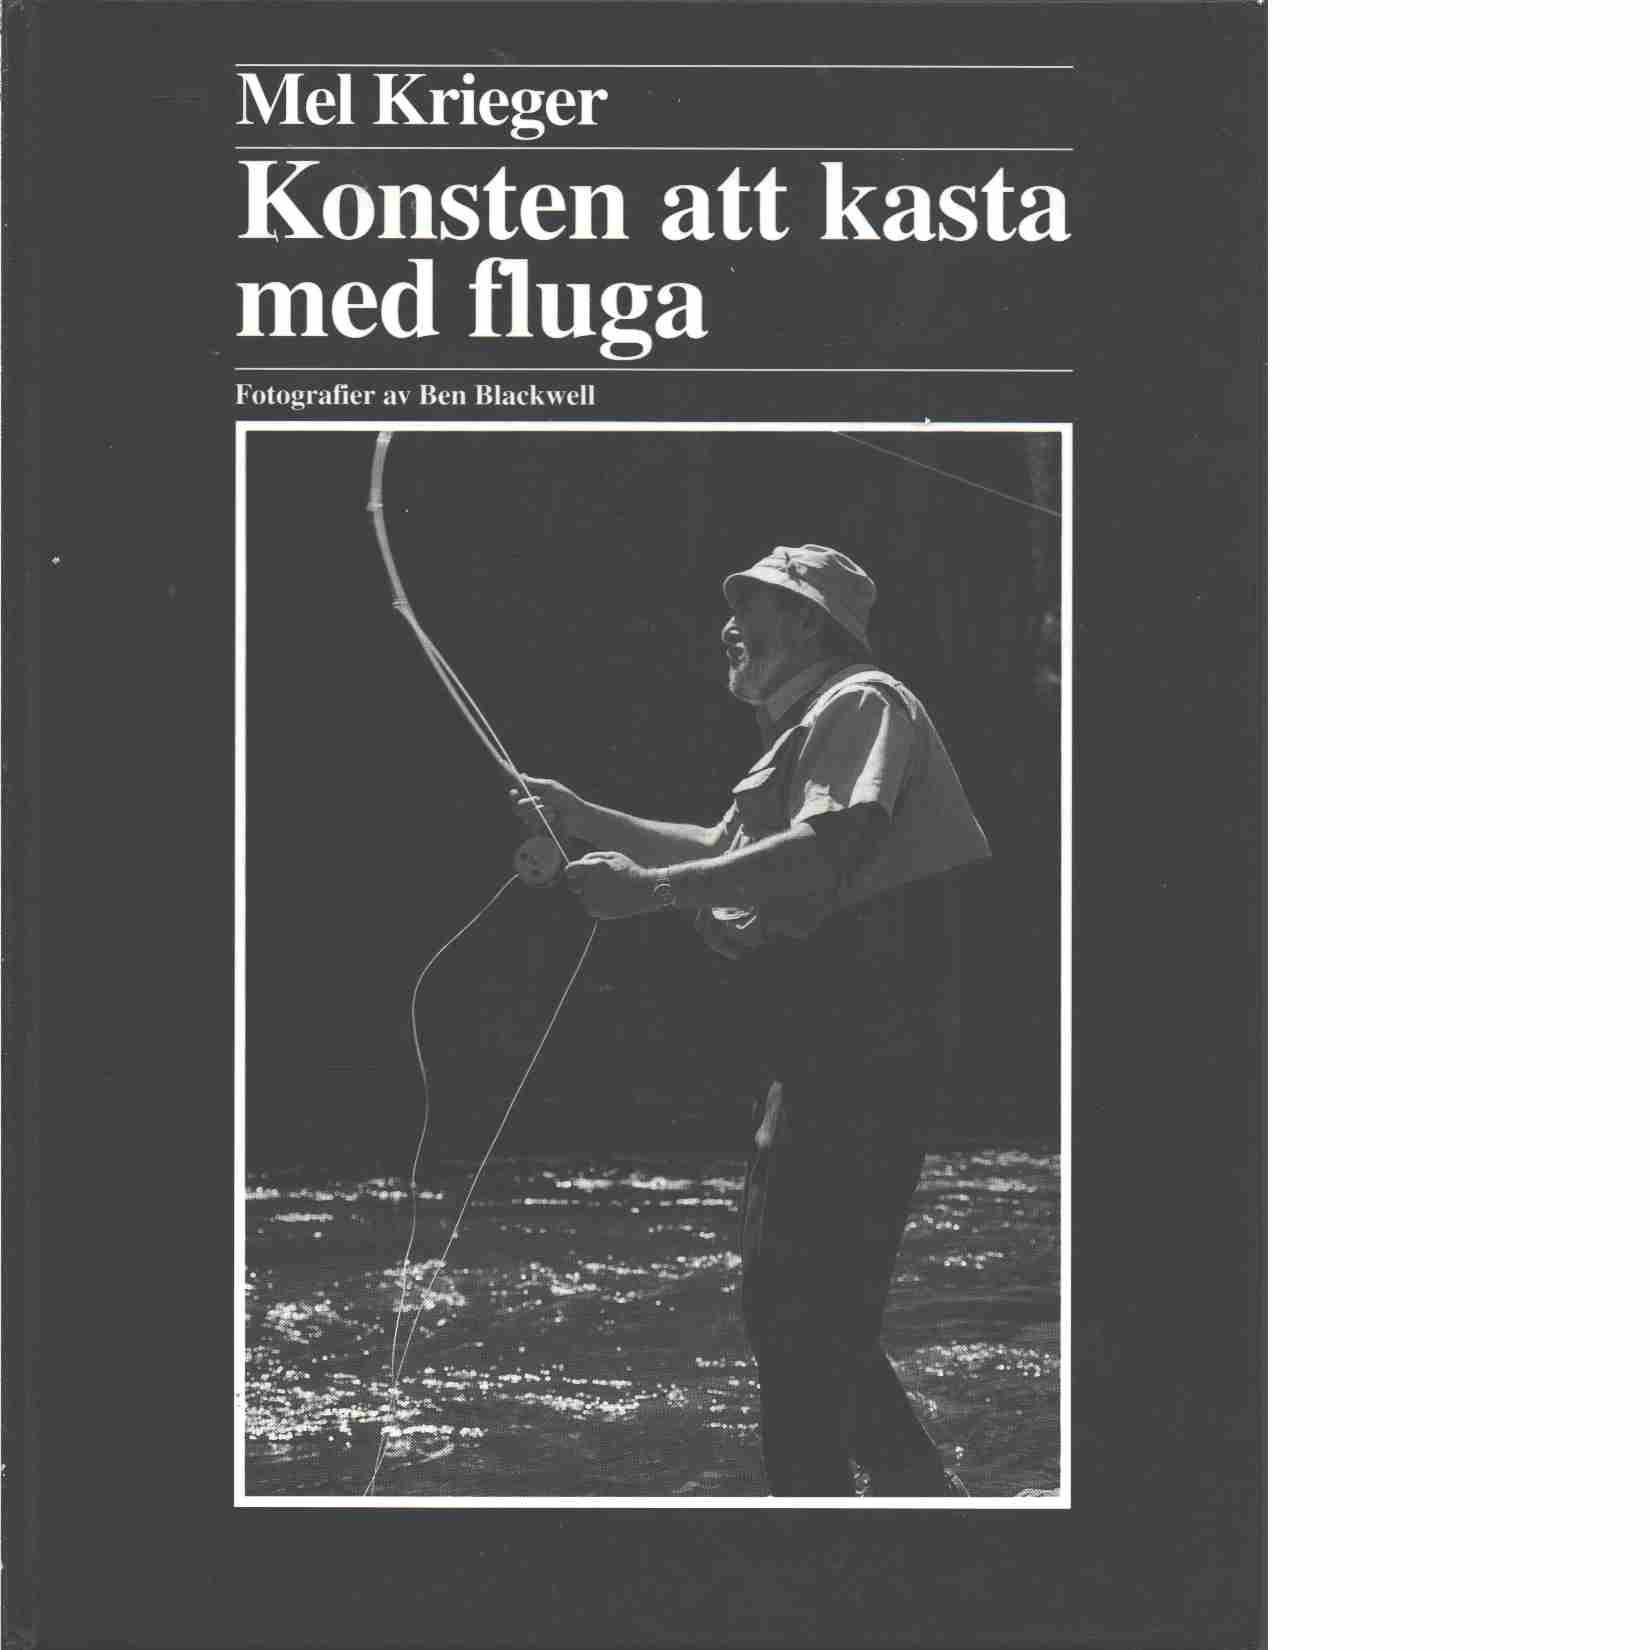 Konsten att kasta med fluga - Krieger, Mel